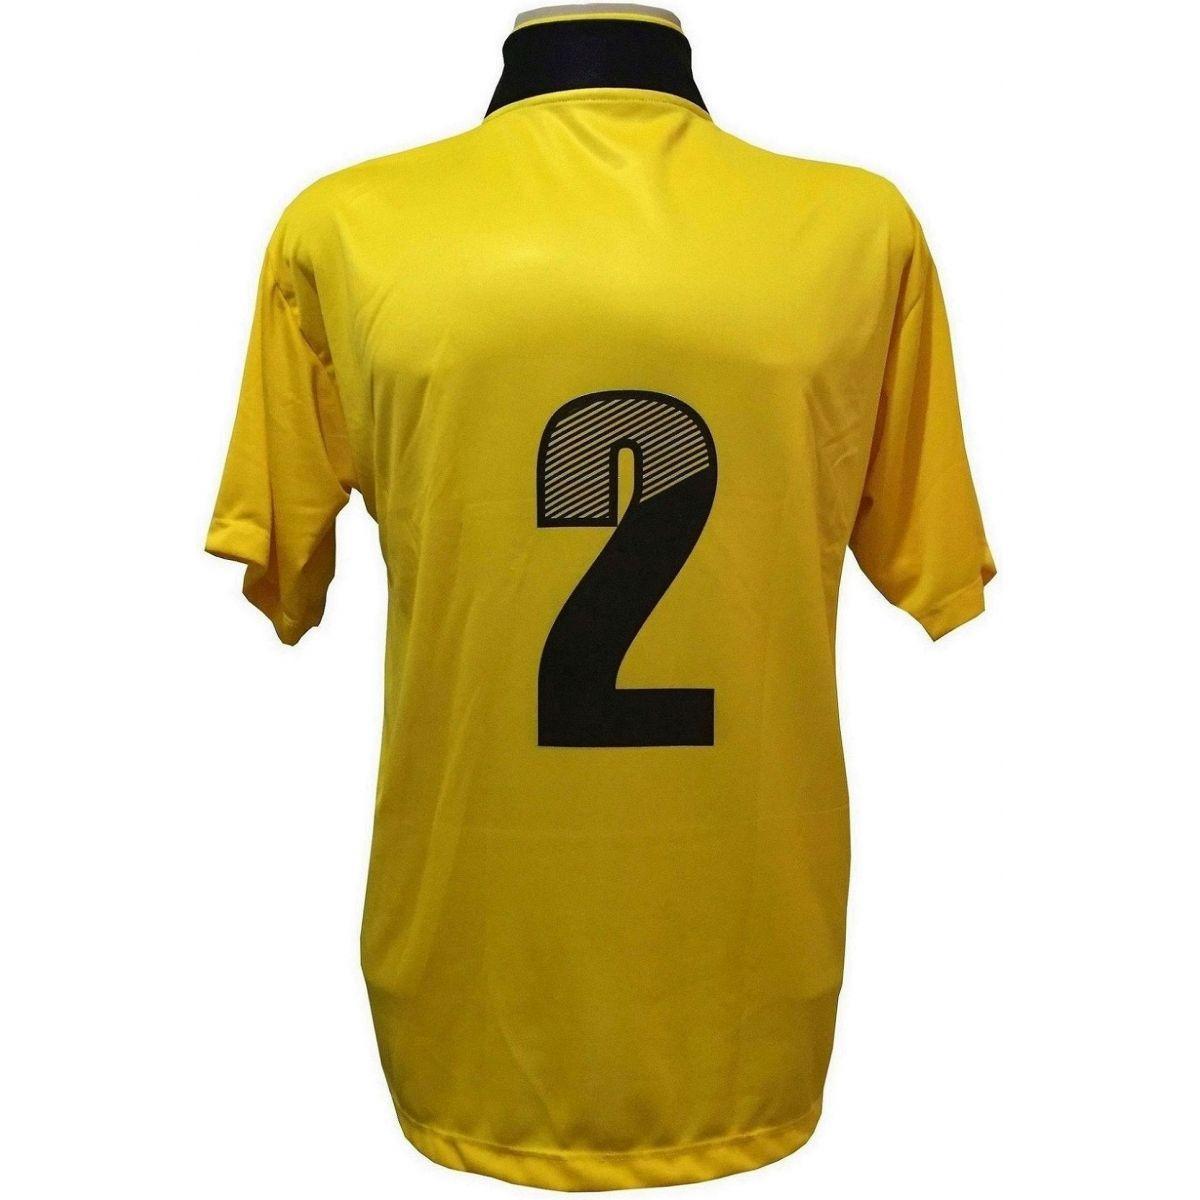 91e6fd5a1d Uniforme Esportivo com 14 camisas modelo Suécia Amarelo Preto + 14 calções  modelo Copa Preto Amarelo + 14 pares de meiões Preto - Play fair - Futebol  ...